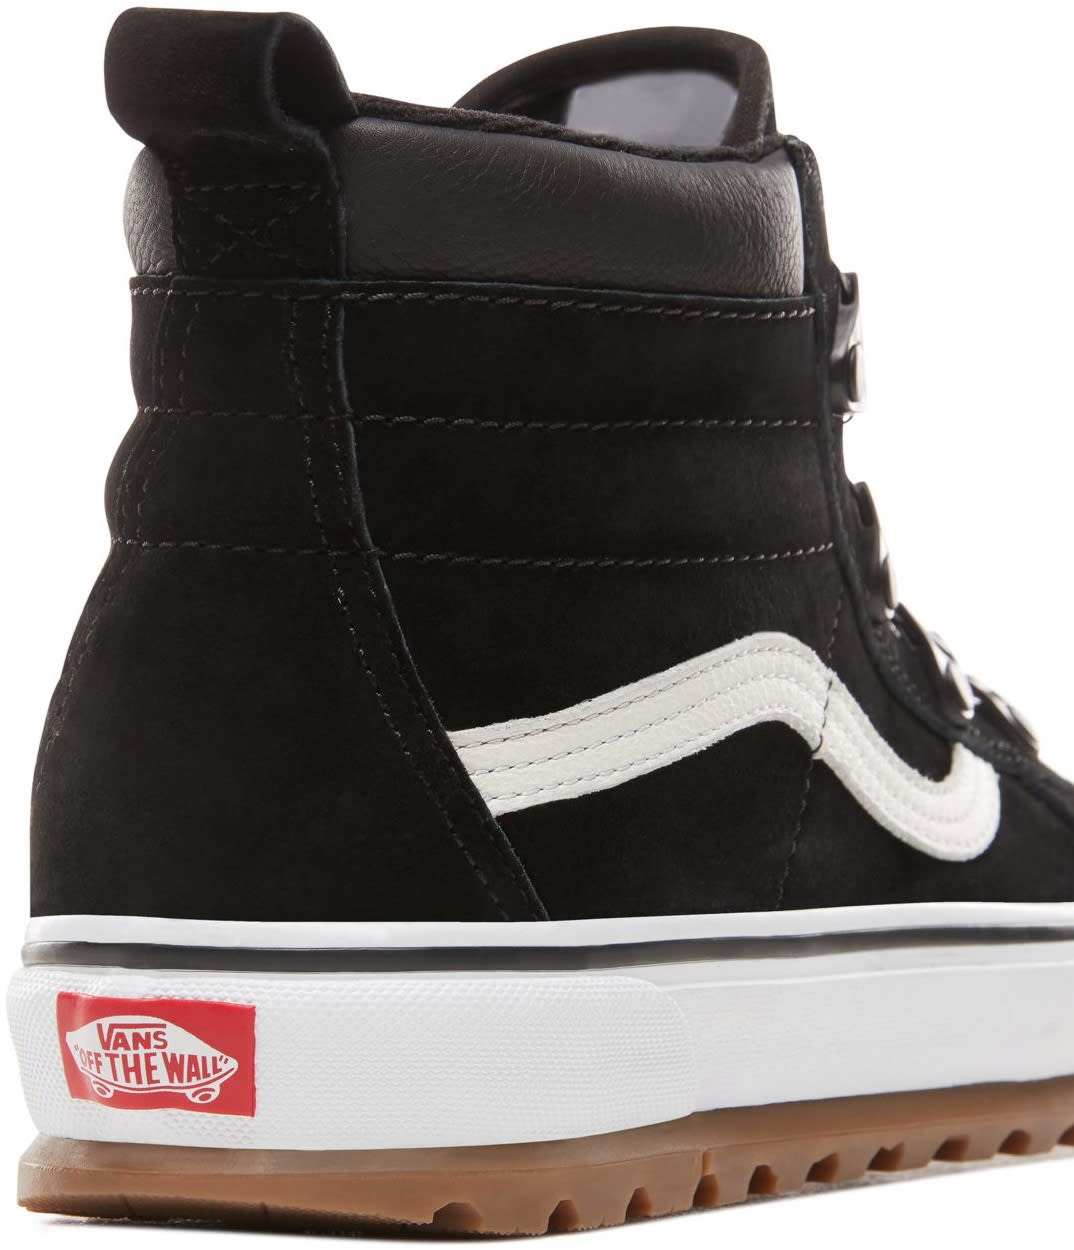 5f55e19310428d Vans Sk8-Hi MTE BOA Shoes - thumbnail 5